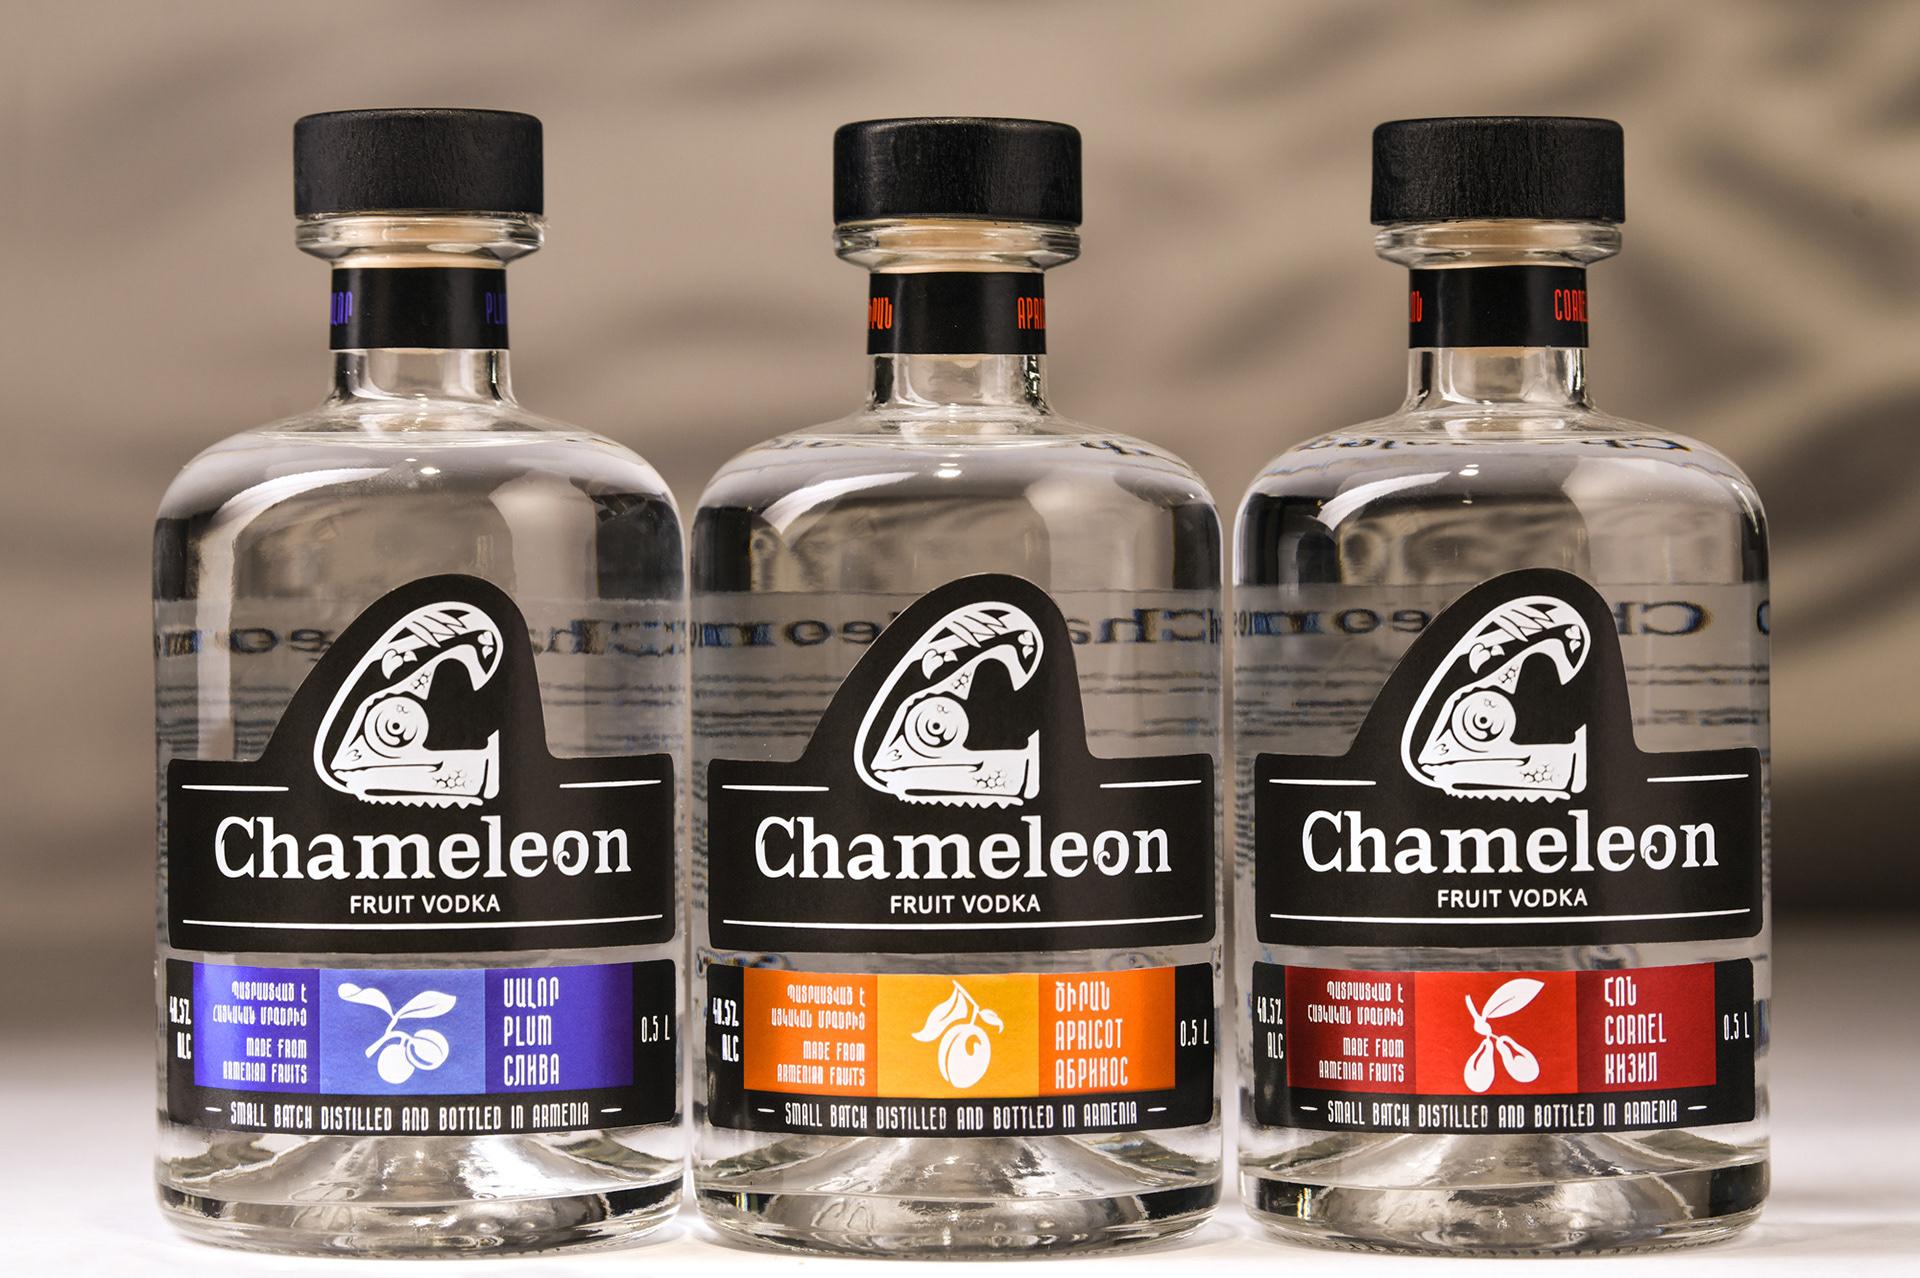 Chameleon Fruit Vodka Branding